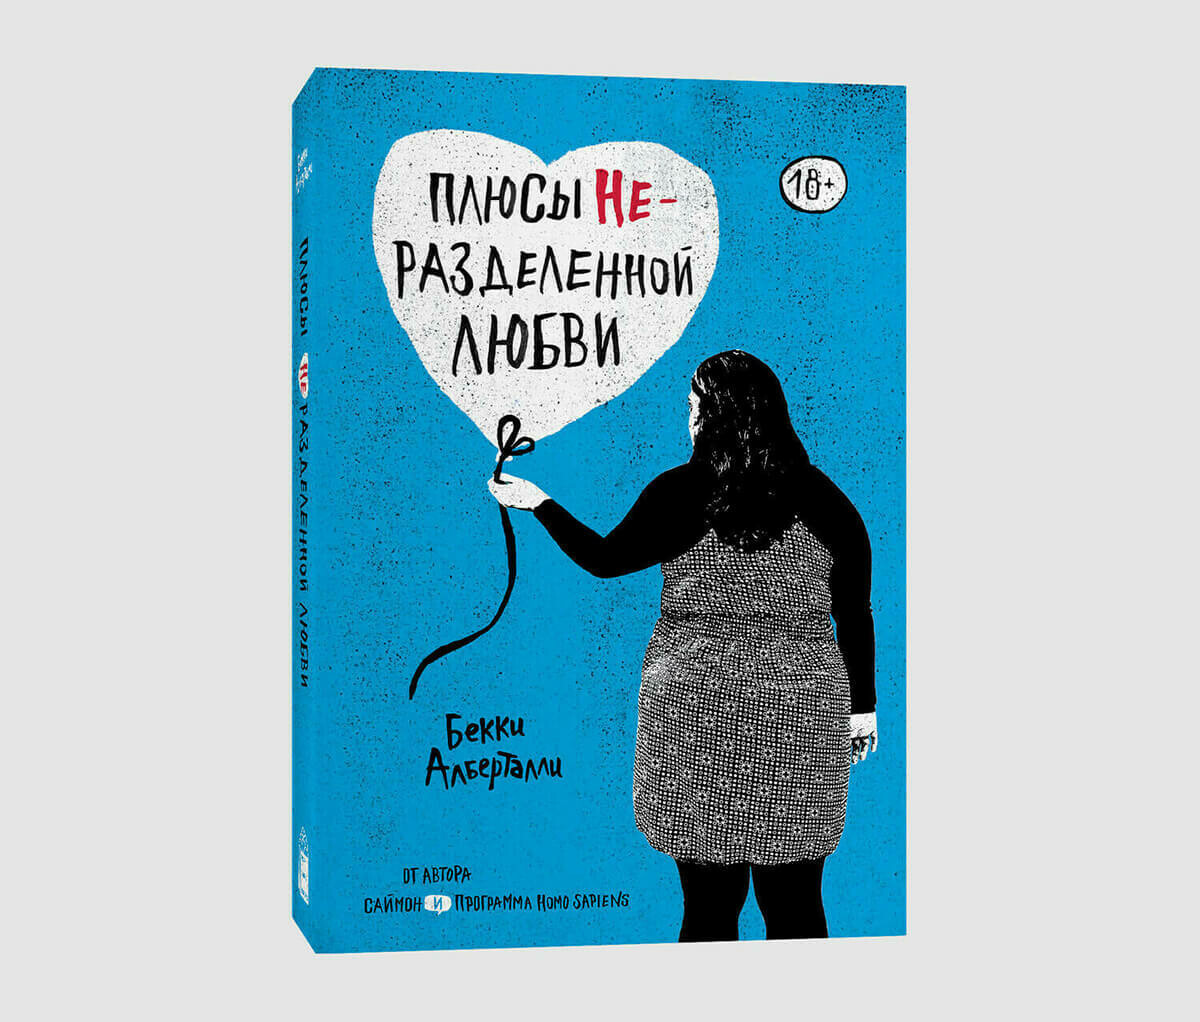 Книга «Плюсы неразделенной любви» Бекки Алберталли